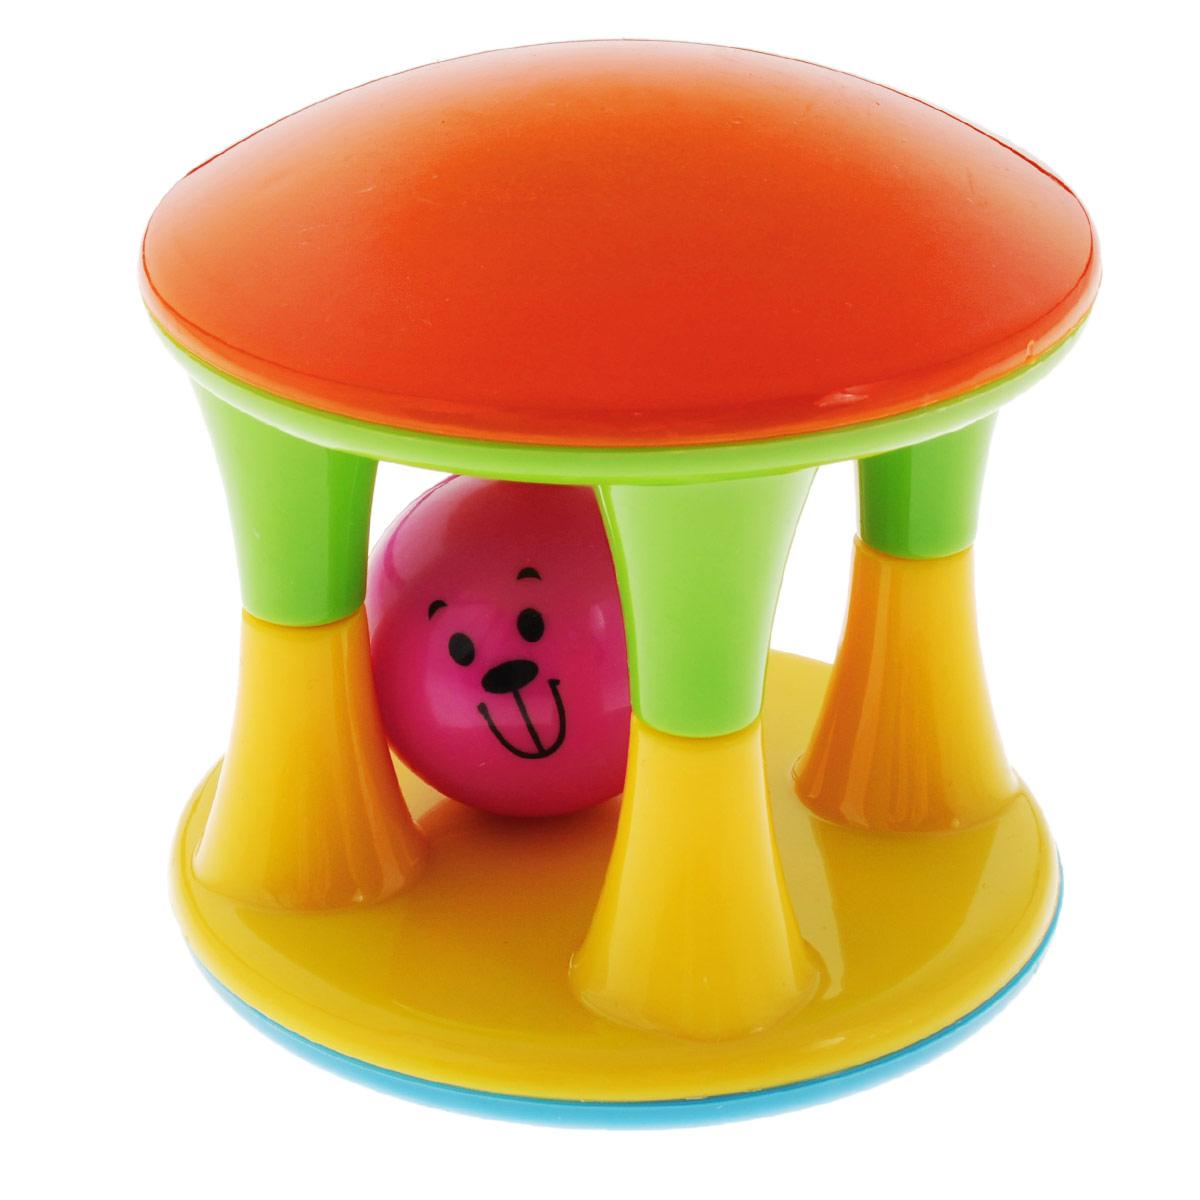 Погремушка-неваляшка Mioshi ЧашкаTY9031Яркая, разноцветная, приятная на ощупь погремушка-неваляшка Mioshi Чашка с веселым шариком станет любимой игрушкой Вашей крохи. Она развивает мелкую моторику, восприятие формы и цвета предметов, а также слух и зрение. Дети в раннем возрасте всегда очень любознательны, они тщательно исследуют всё, что попадает им в руки. Заботясь о здоровье и безопасности малышей, Mioshi выпускает только качественную продукцию, которая прошла сертификацию.